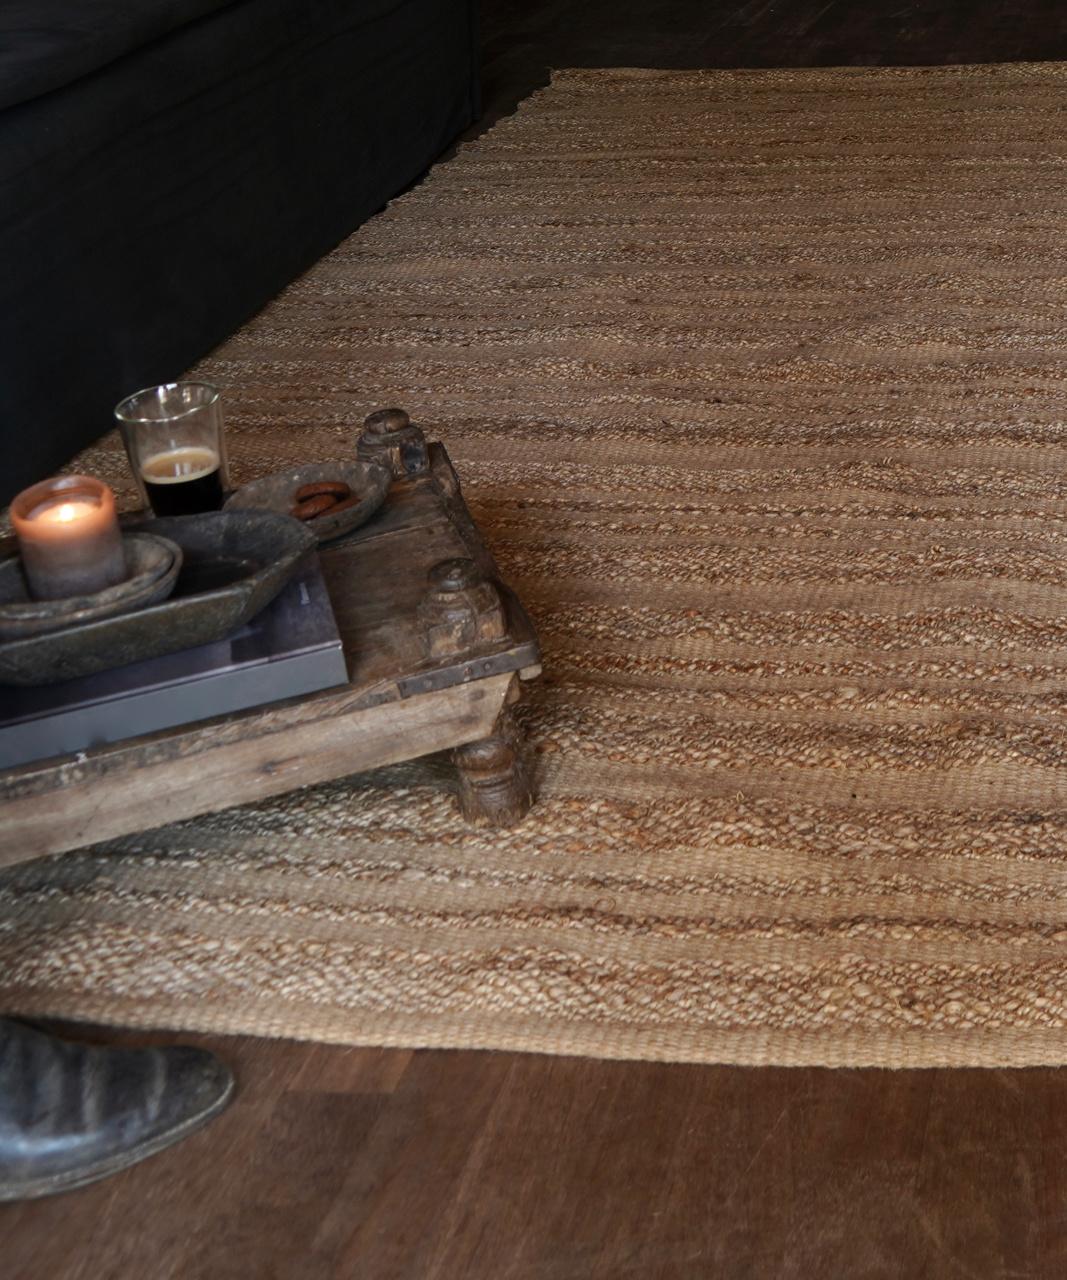 Robuster natürlicher Juteteppich / Teppich-1